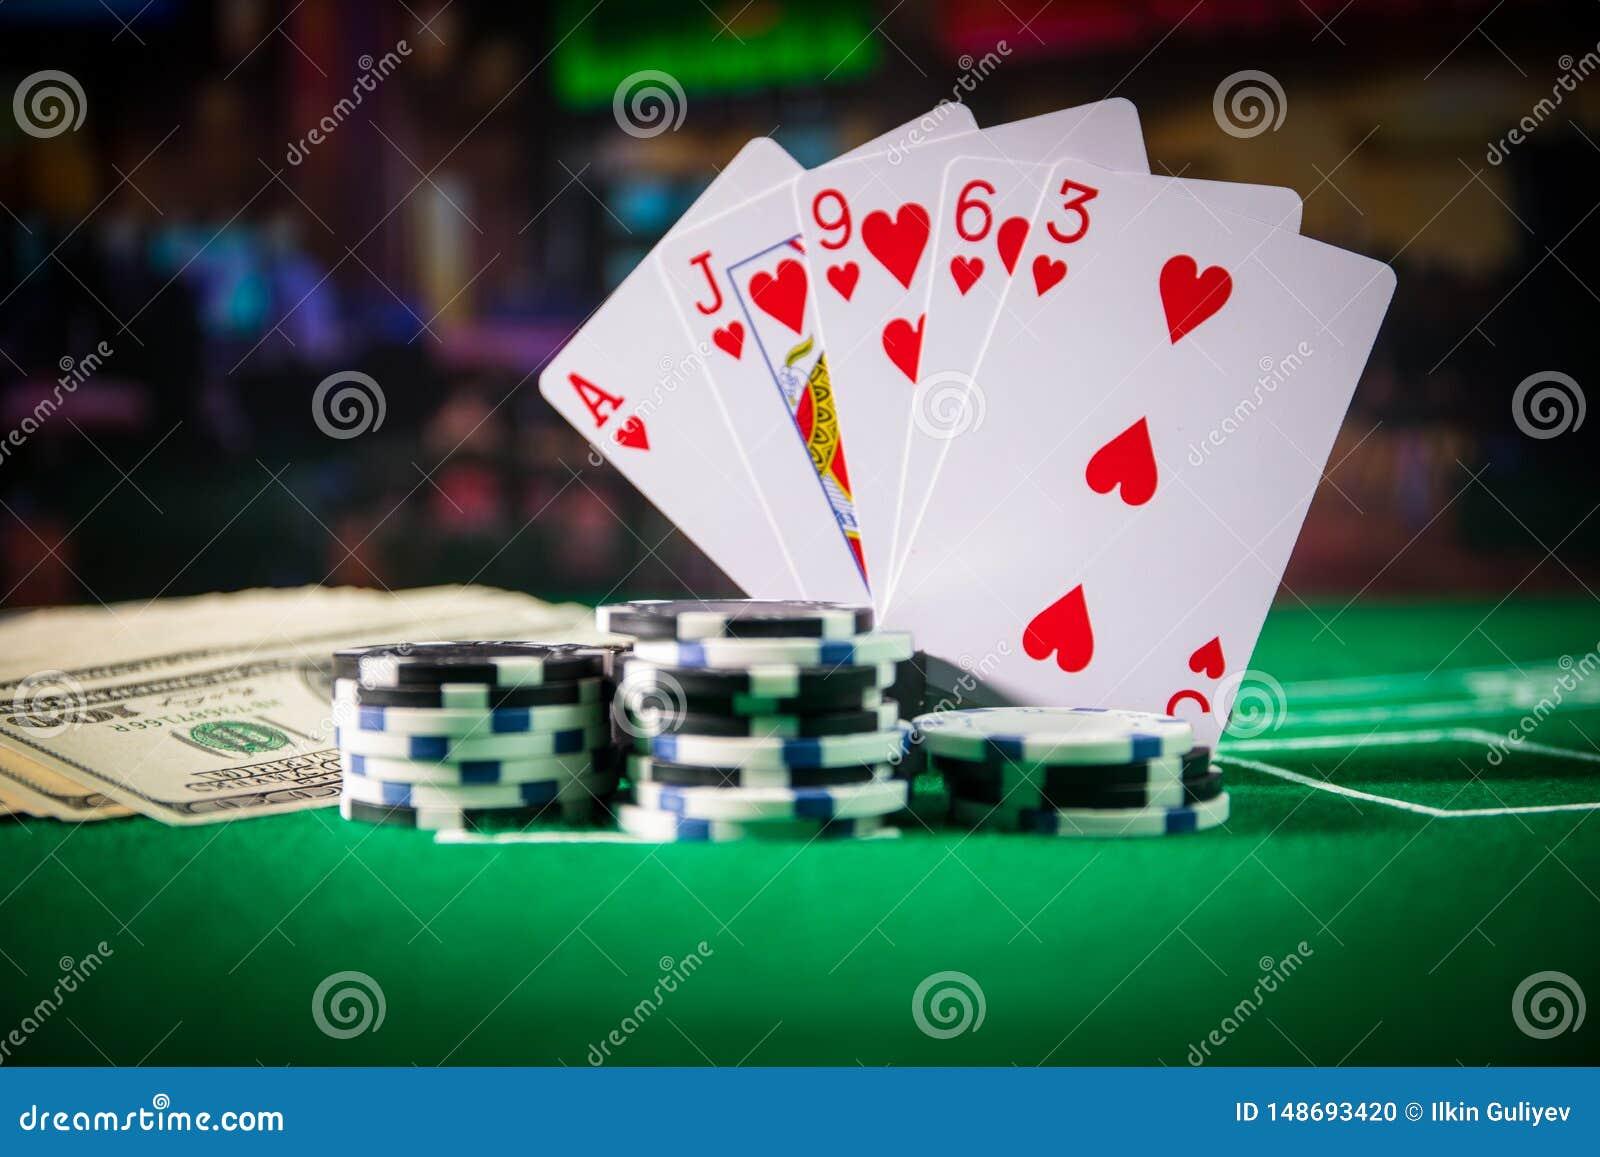 Карти казино рулетка